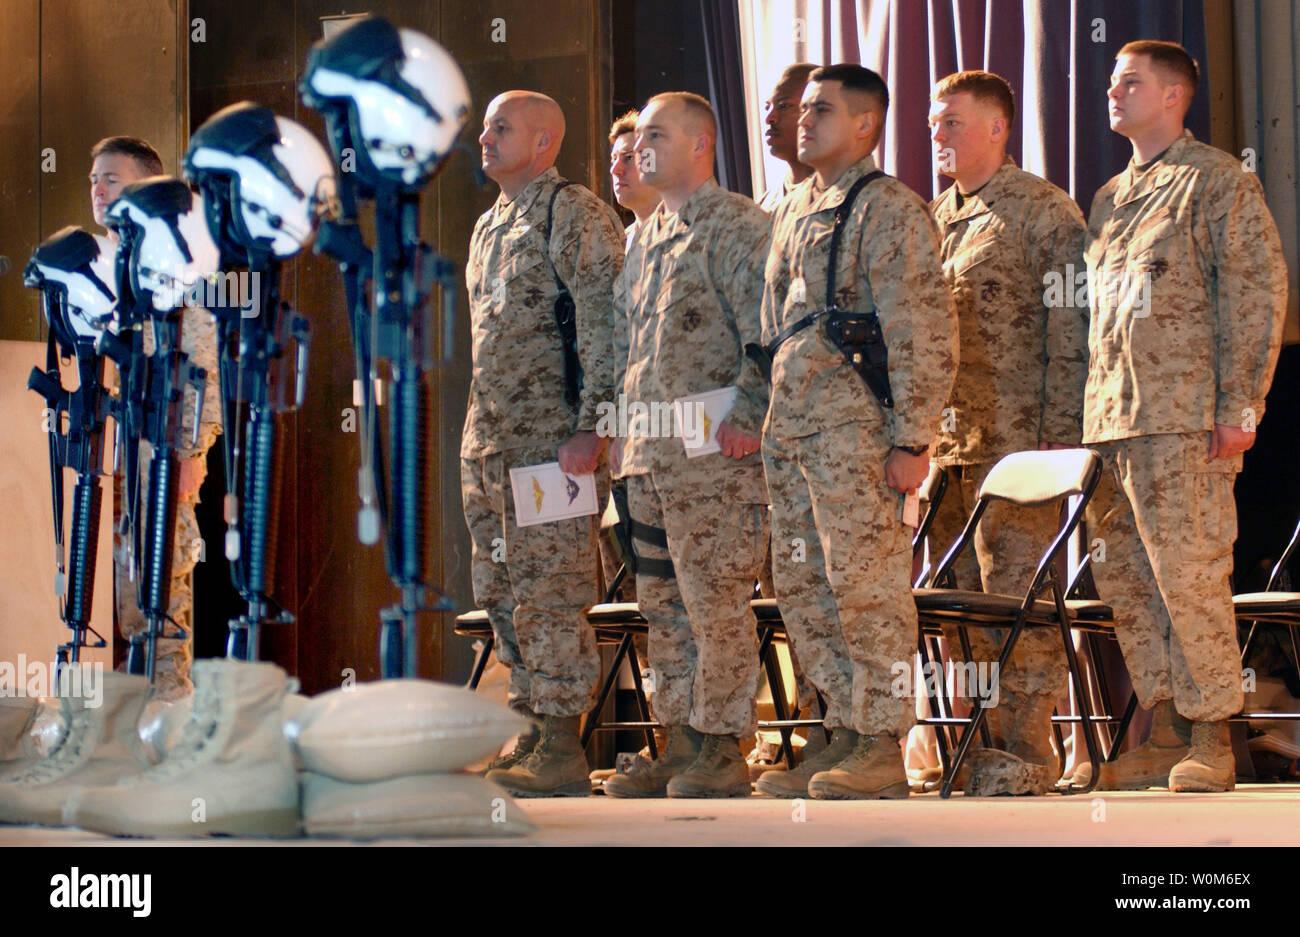 Marines da Marina elicottero pesante Squadron 361 stand all attenzione di Febbraio 2, 2005 all'inizio di un emotivo memoriale di servizio per i quattro uomo equipaggio che hanno perso la vita in un incidente in elicottero nel Al Anbar Provincia di Iraq Gen 26, 2005. (UPI foto/Ciad McMeen/USMC) Foto Stock